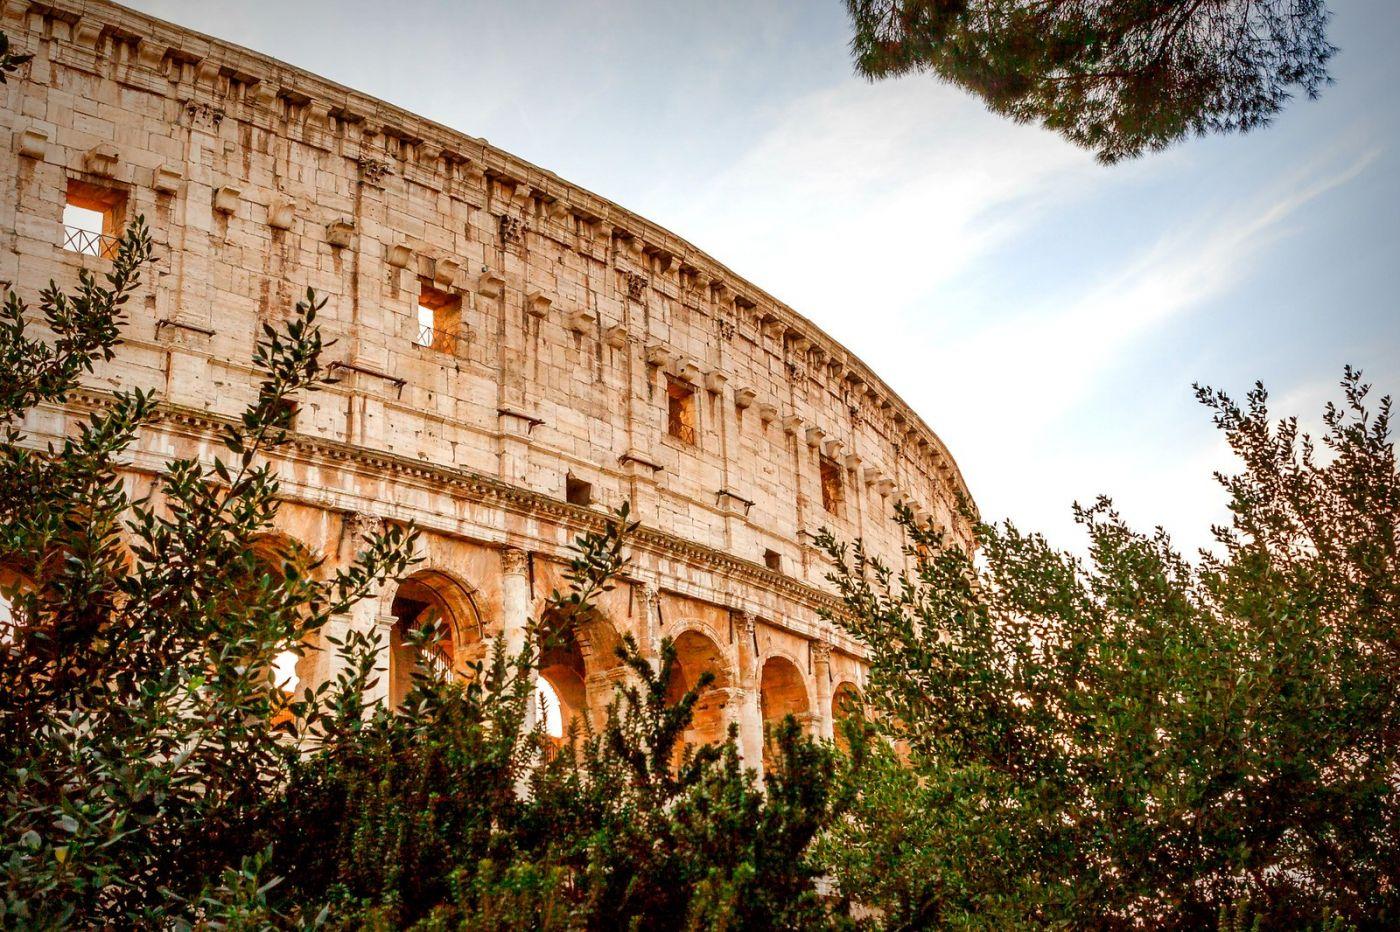 罗马斗兽场(Colosseum), 两千年的宏大建筑古迹_图1-11